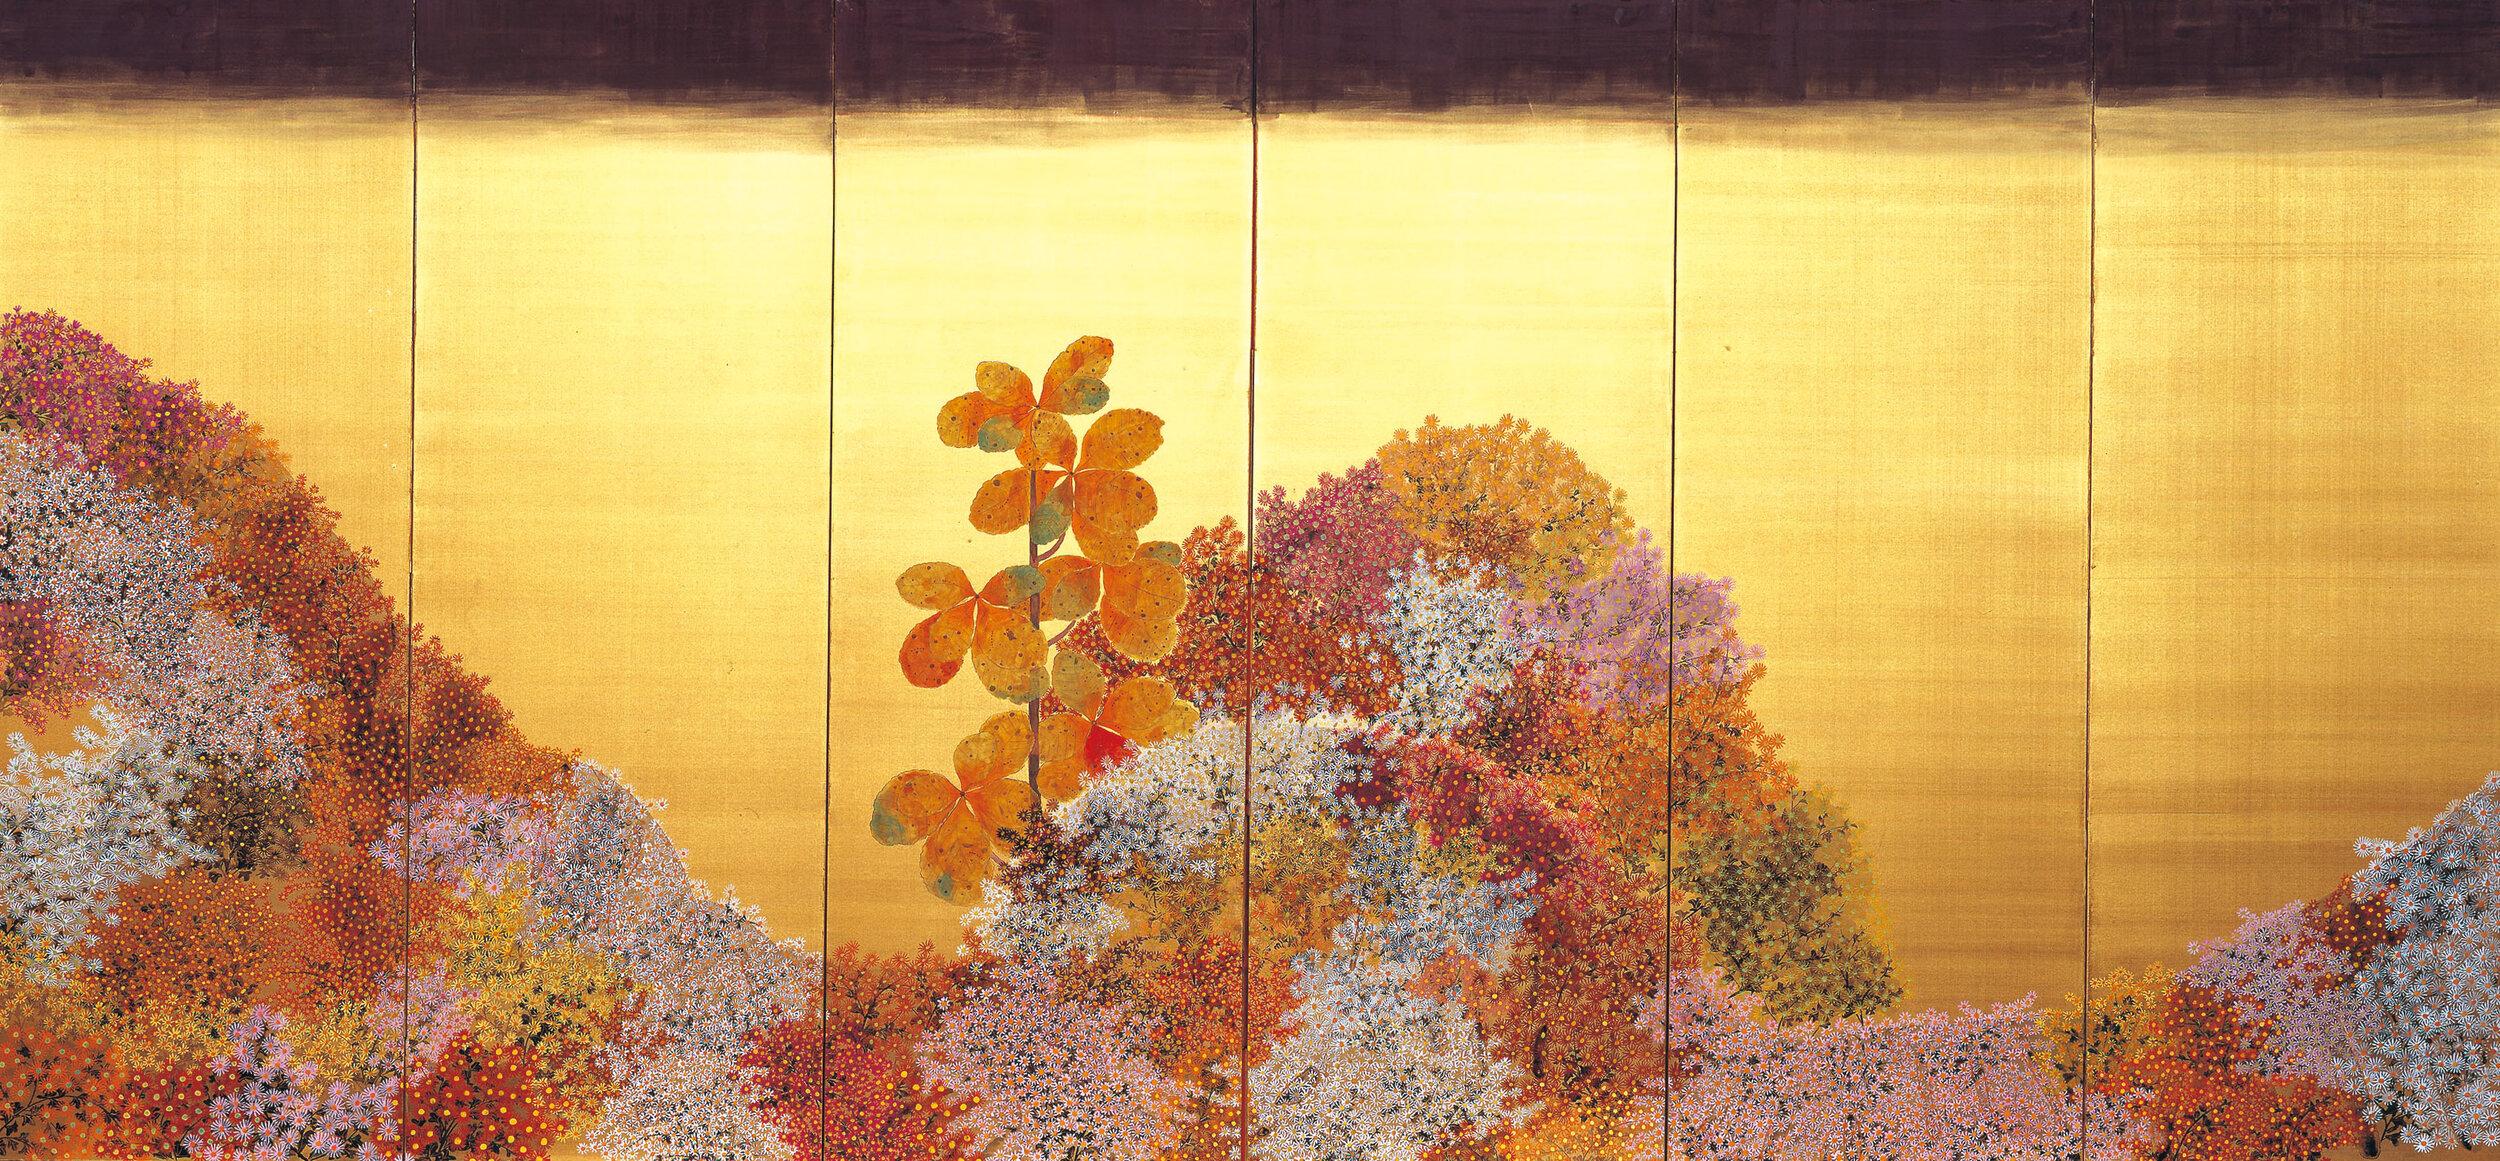 平松礼二《路・野菊讃》(左隻)1996